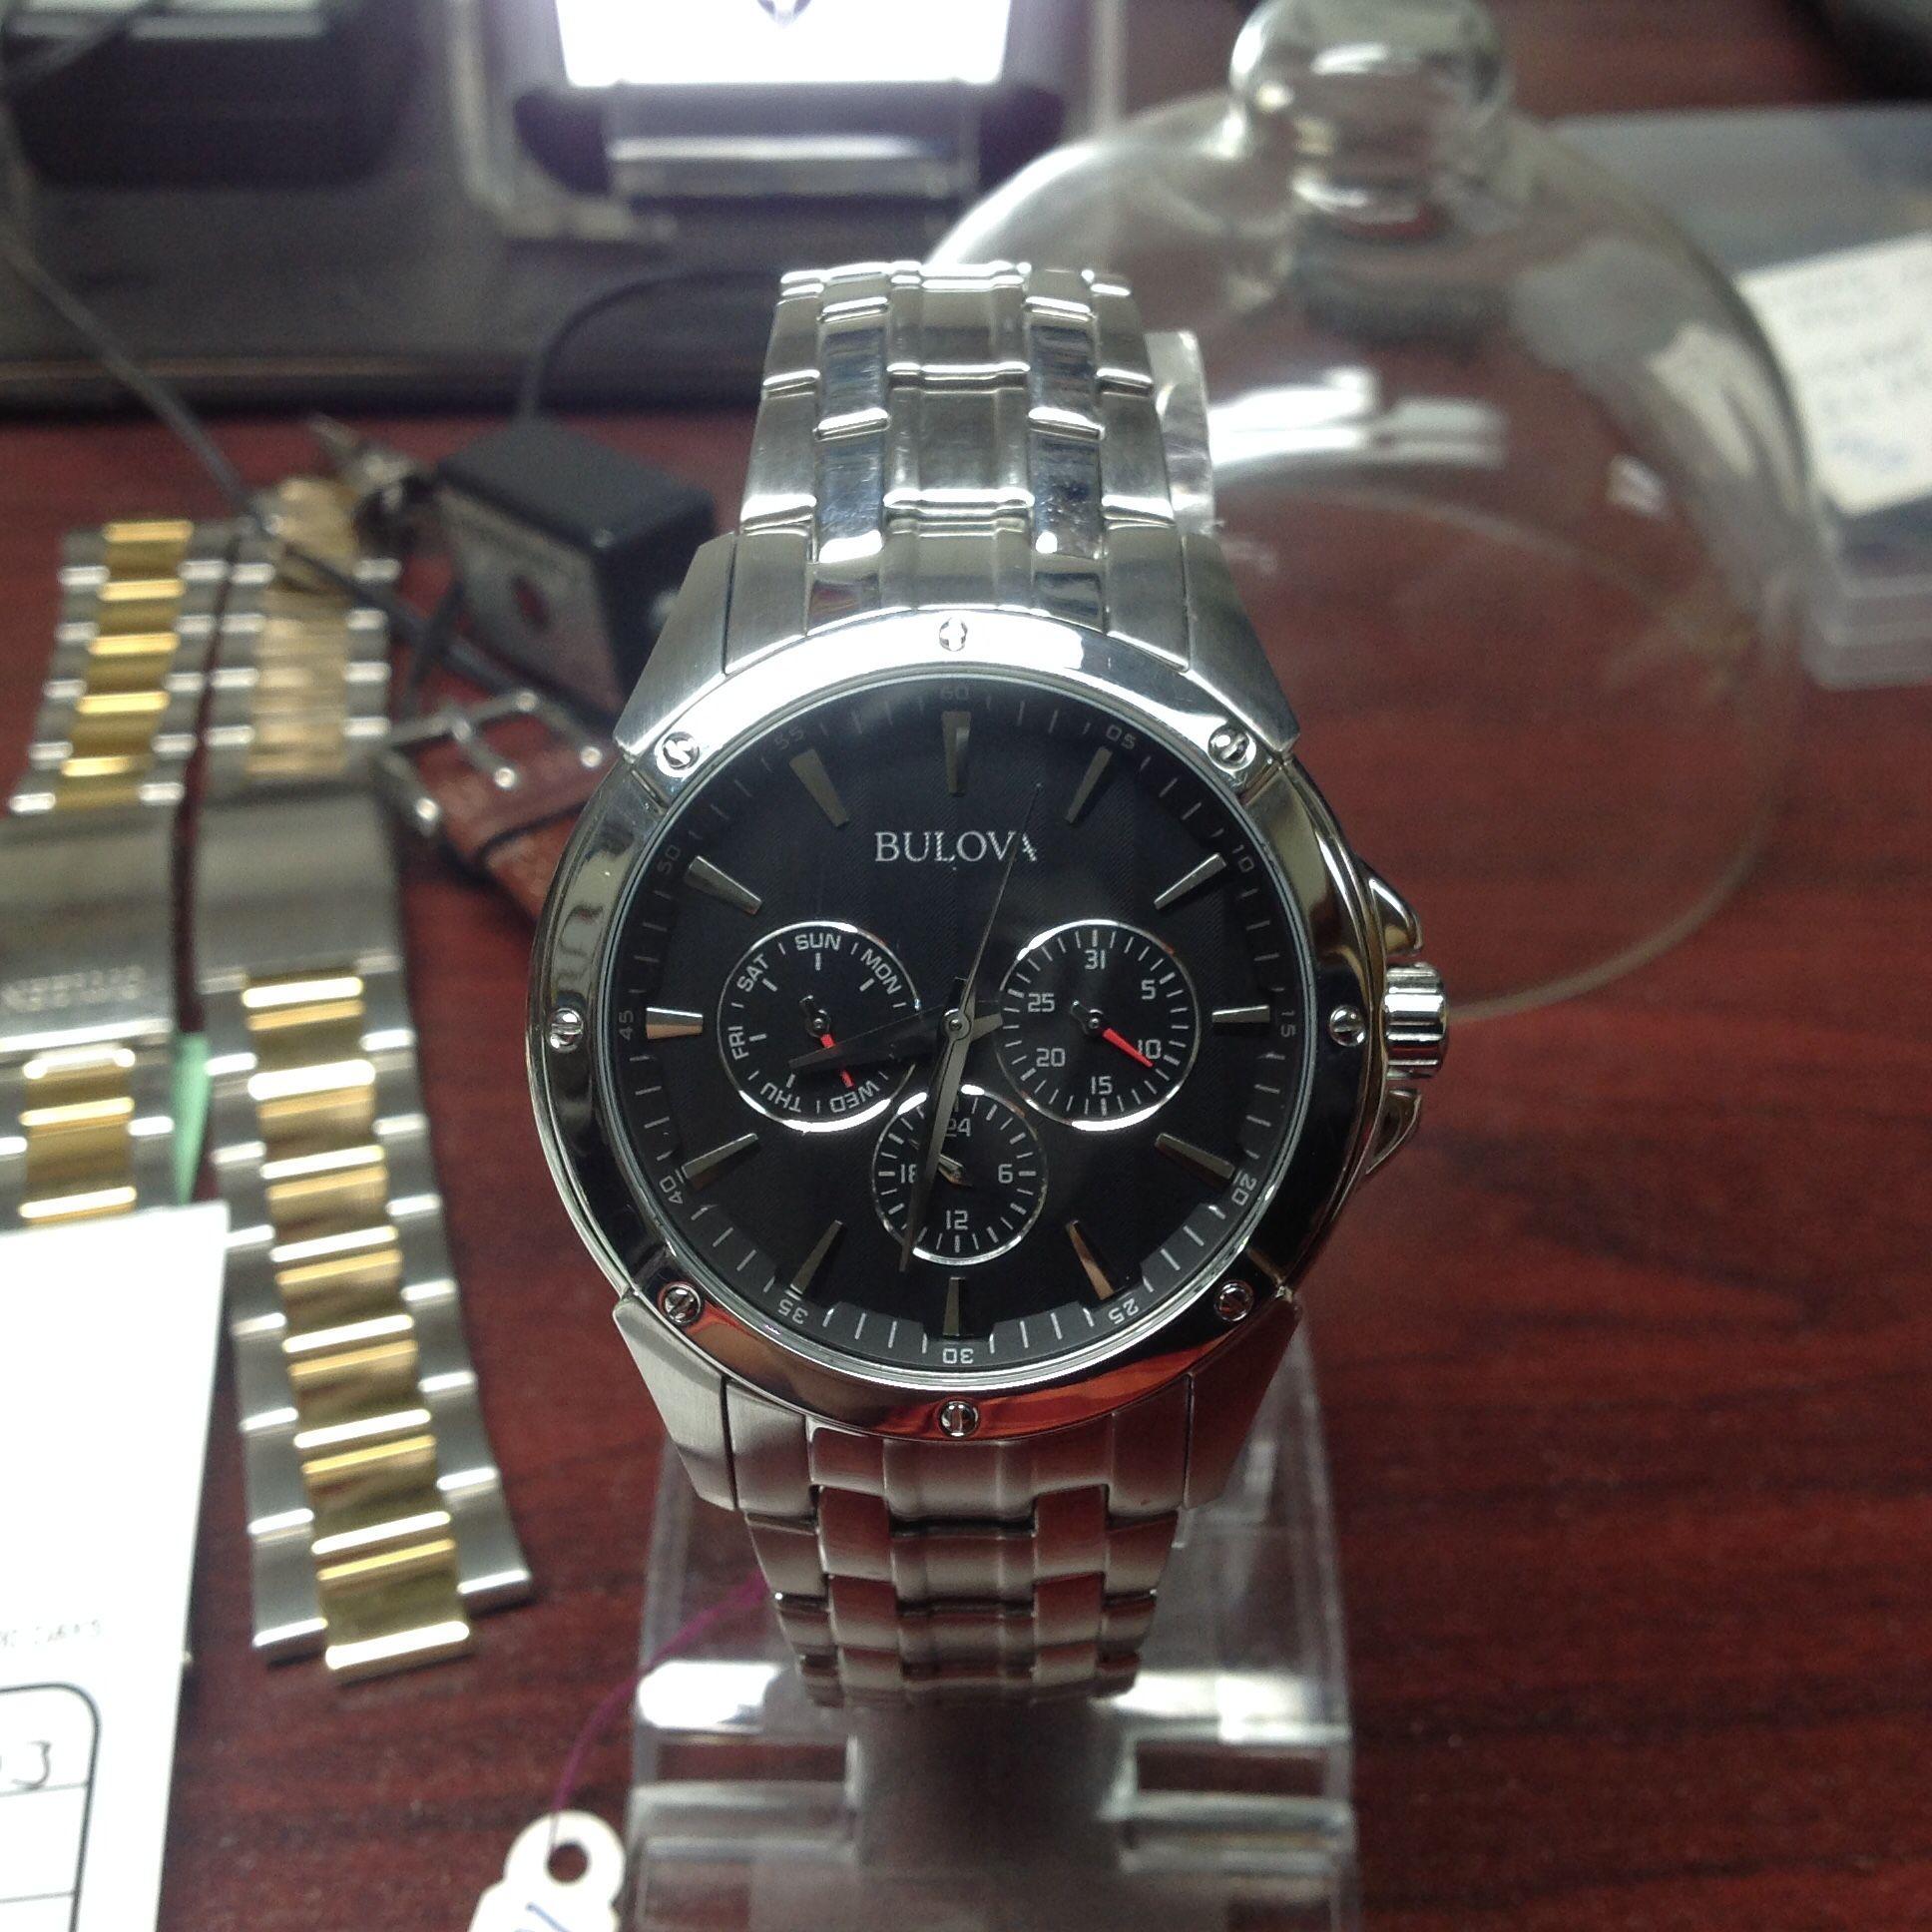 Cận cảnh chiếc đồng hồ nam Bulova 96C107